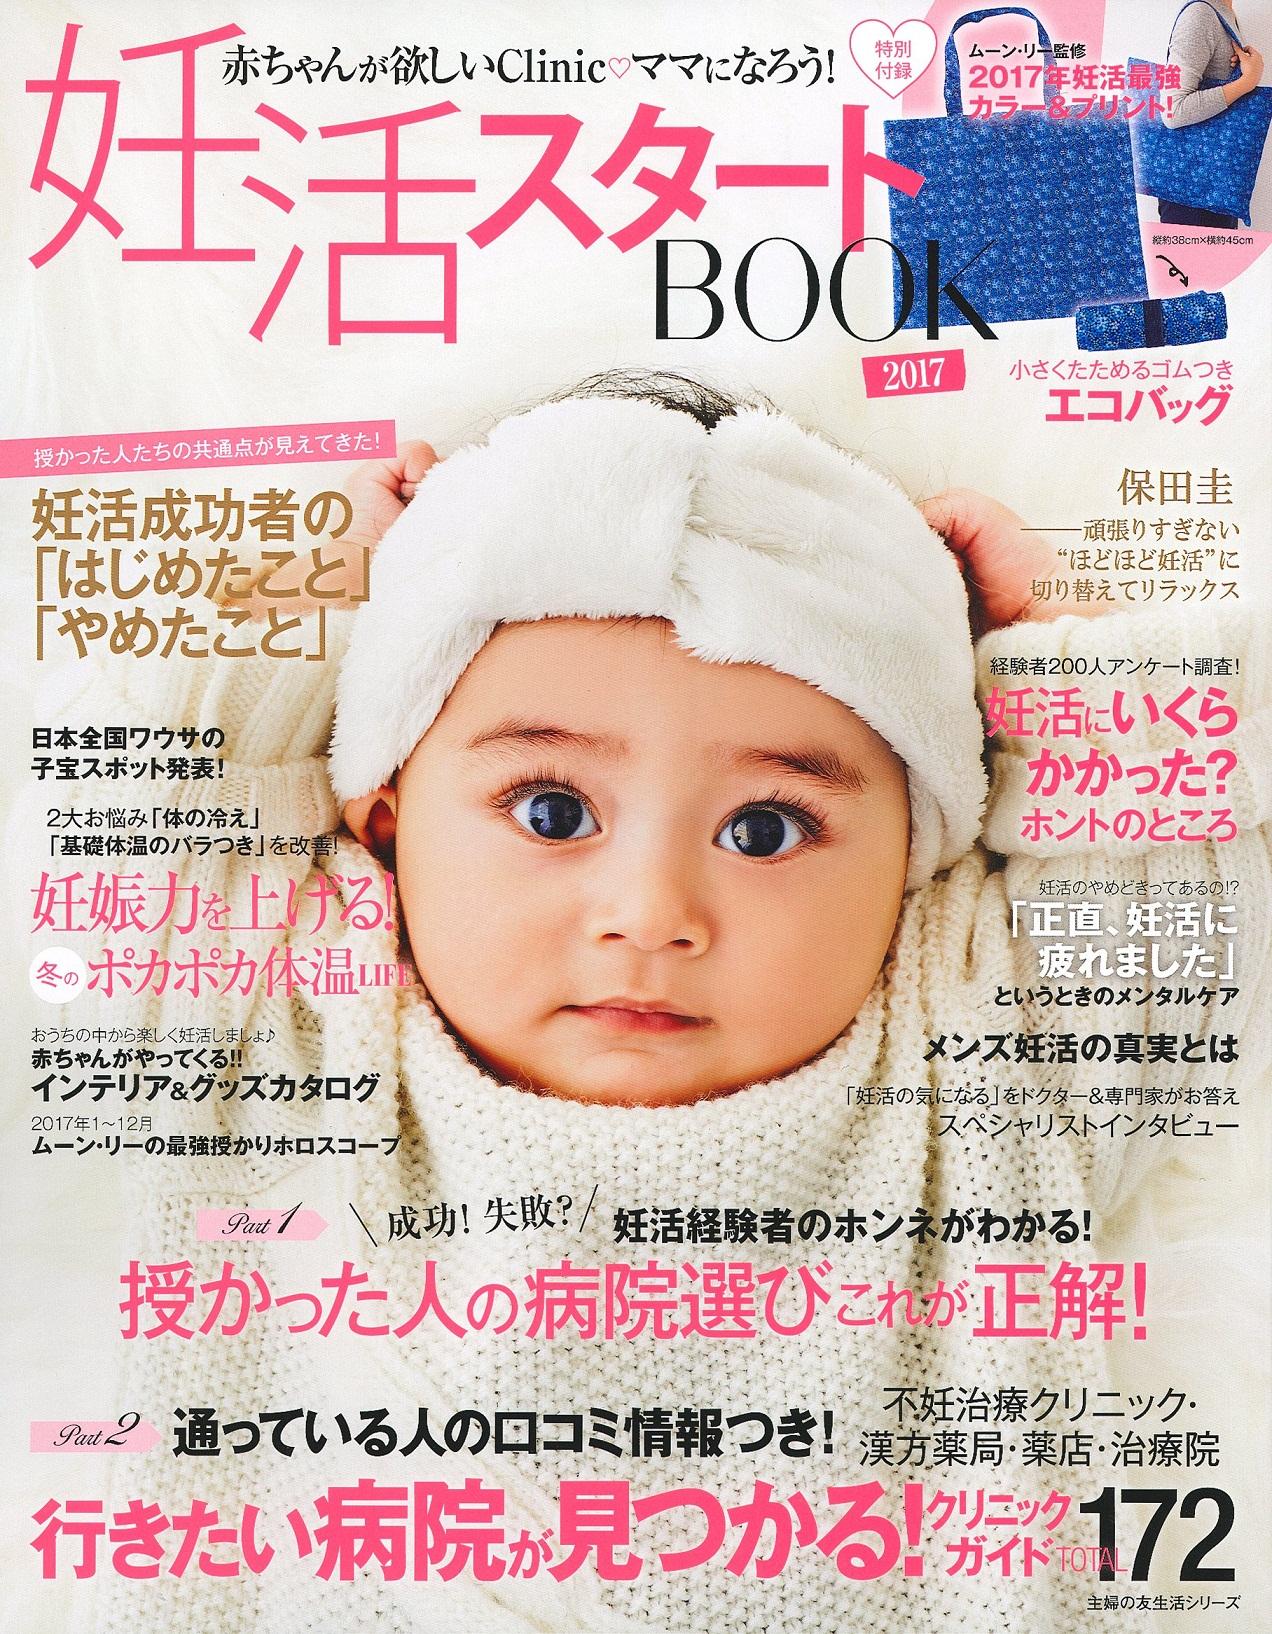 妊活スタートBOOK【美的ルイボスティー】掲載